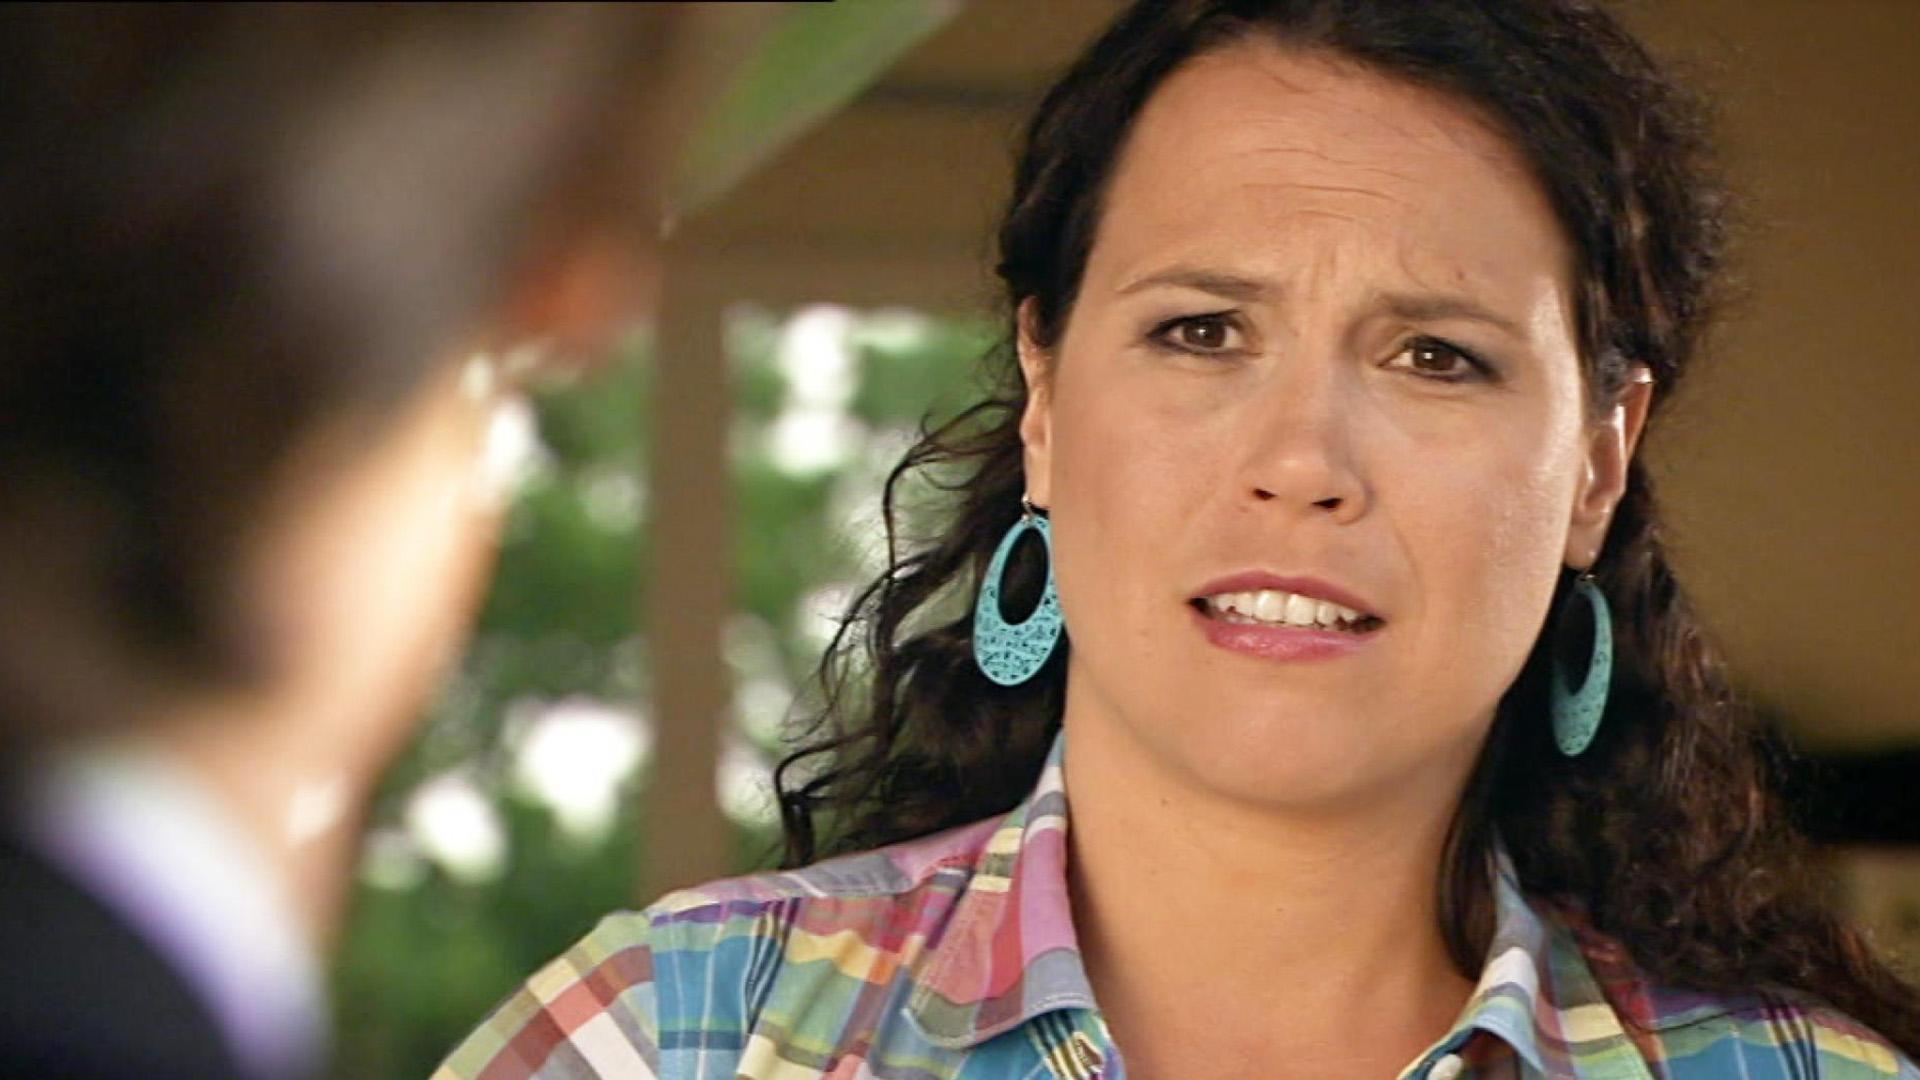 Annette fürchtet, ihre Existenzgrundlage zu verlieren | Folge 1216